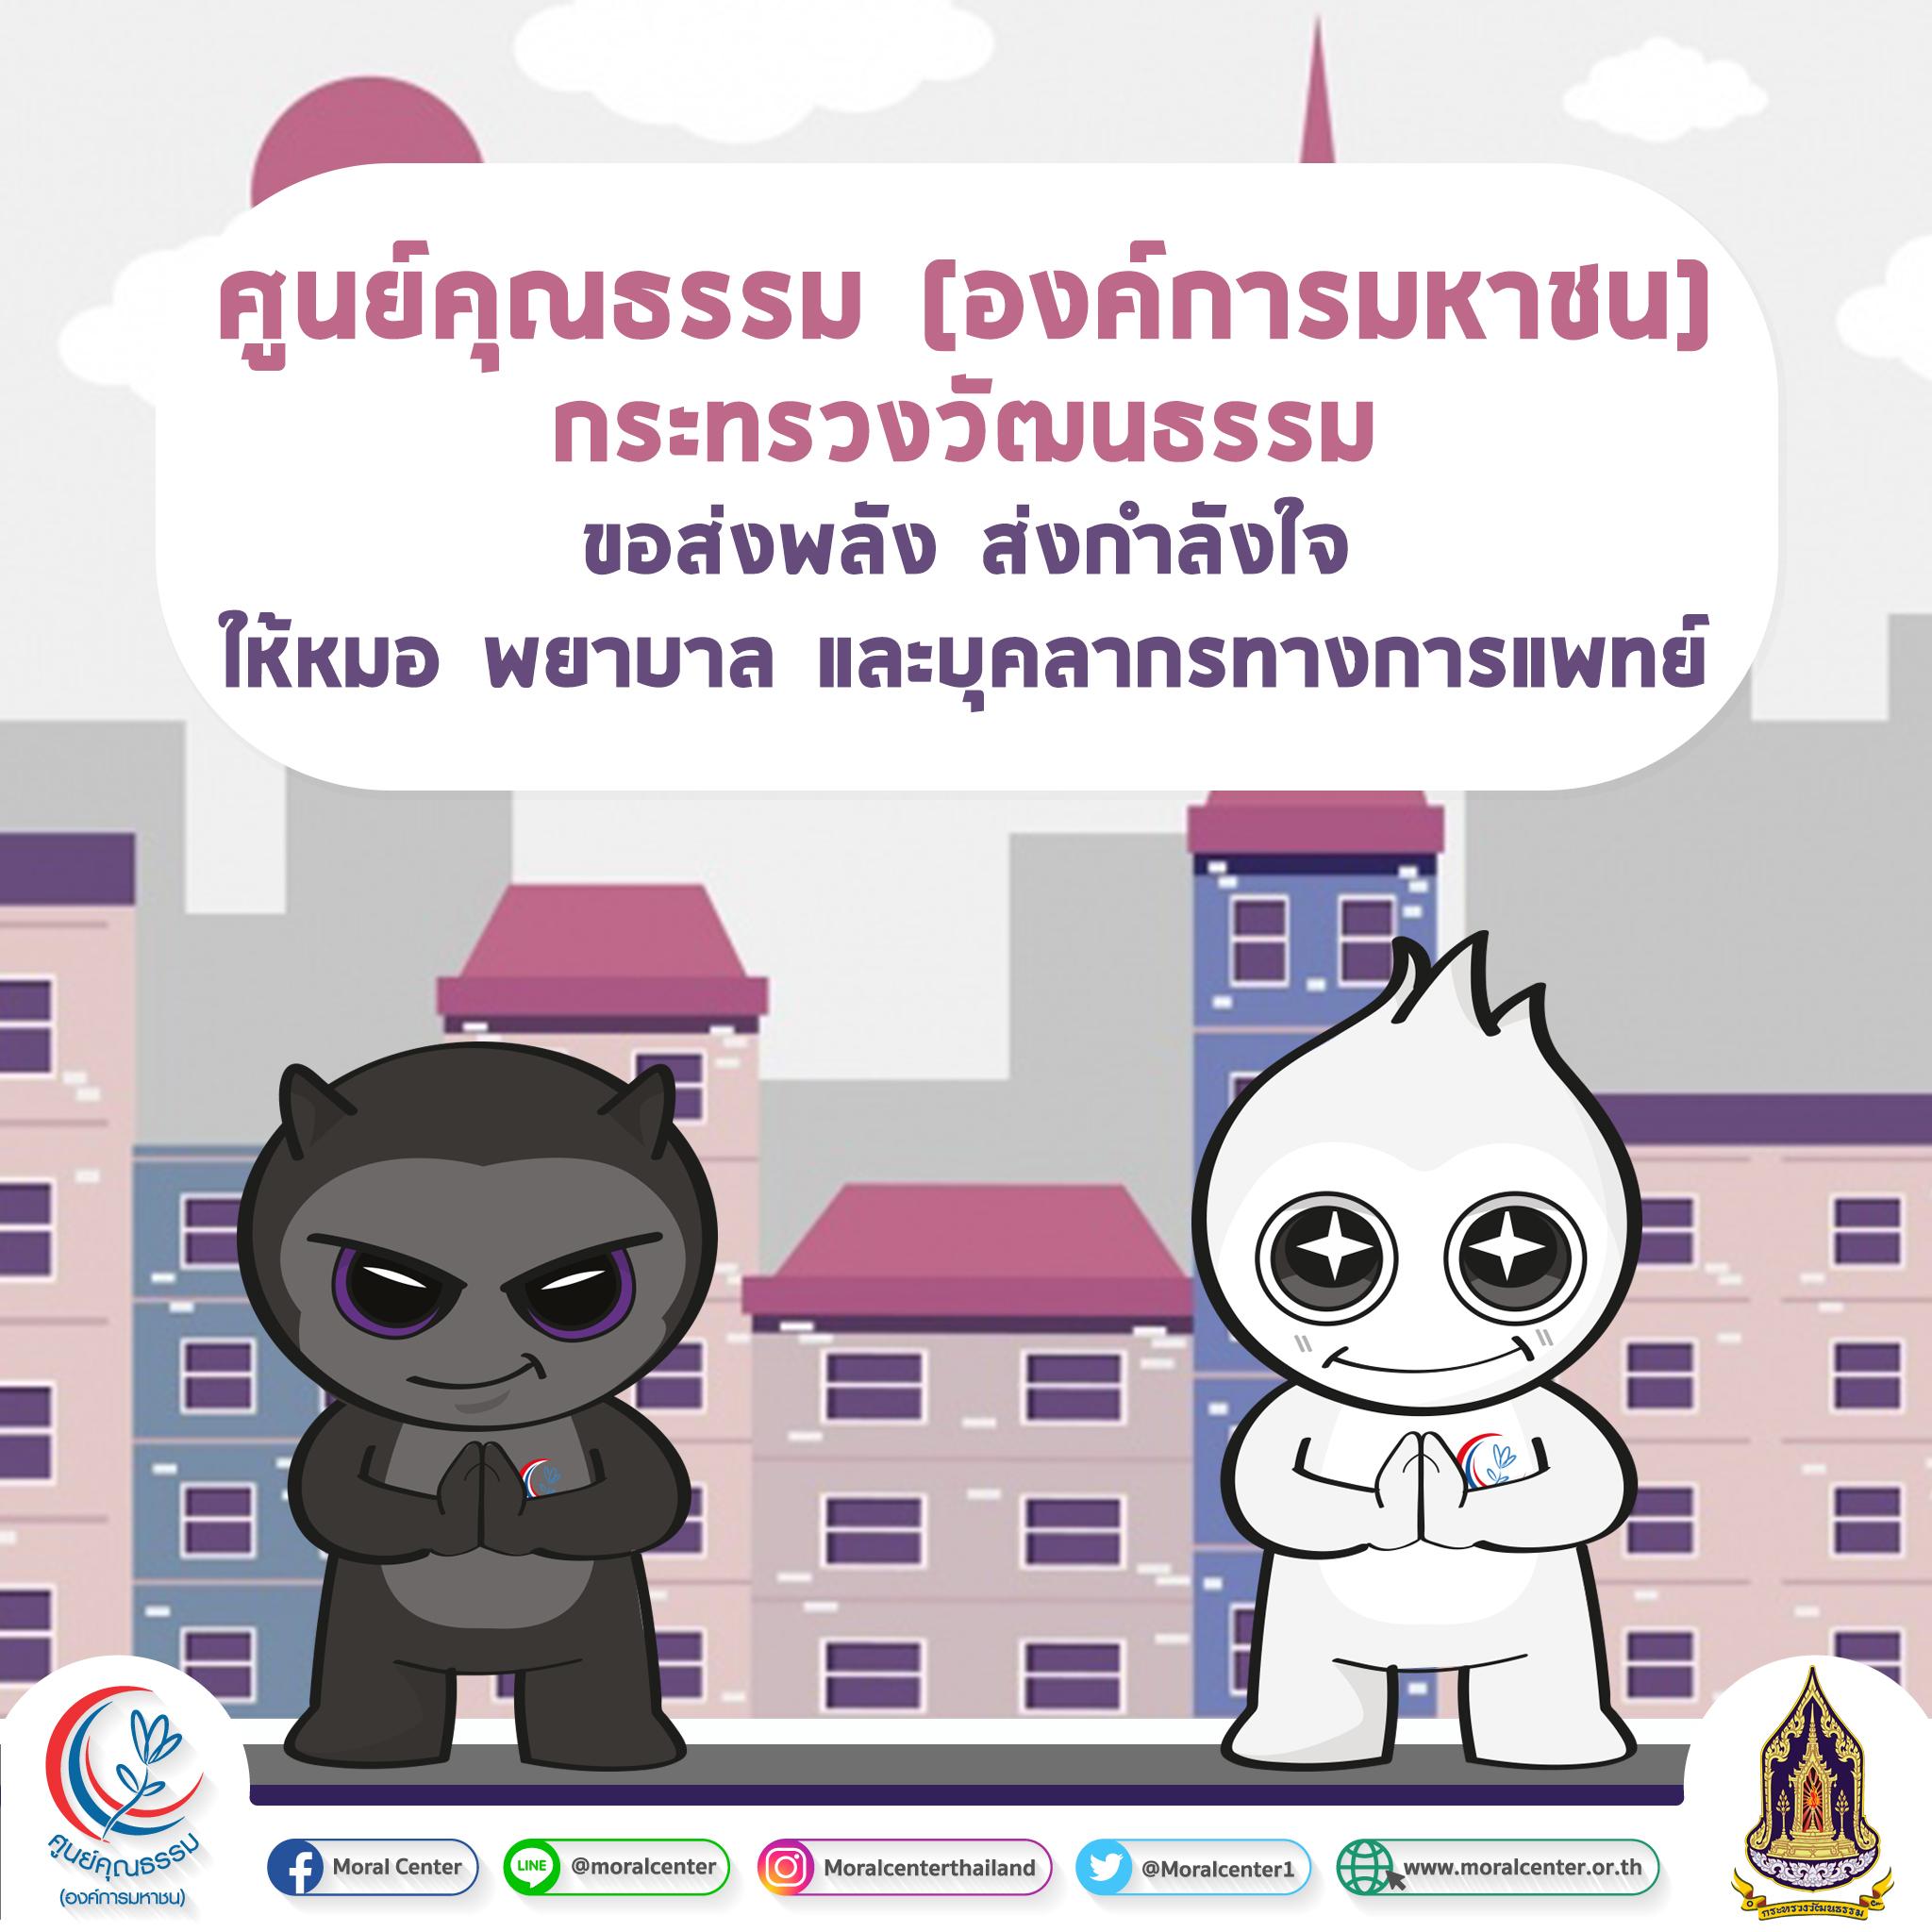 """ศูนย์คุณธรรม (องค์การมหาชน) กระทรวงวัฒนธรรม ร่วมส่งพลัง ส่งกำลังใจ ให้หมอ พยาบาล บุคลากรทางการแพทย์ และผู้ที่เกี่ยวข้องทุกฝ่าย """"เราจะร่วมฝ่าวิกฤตไปด้วยกัน"""""""